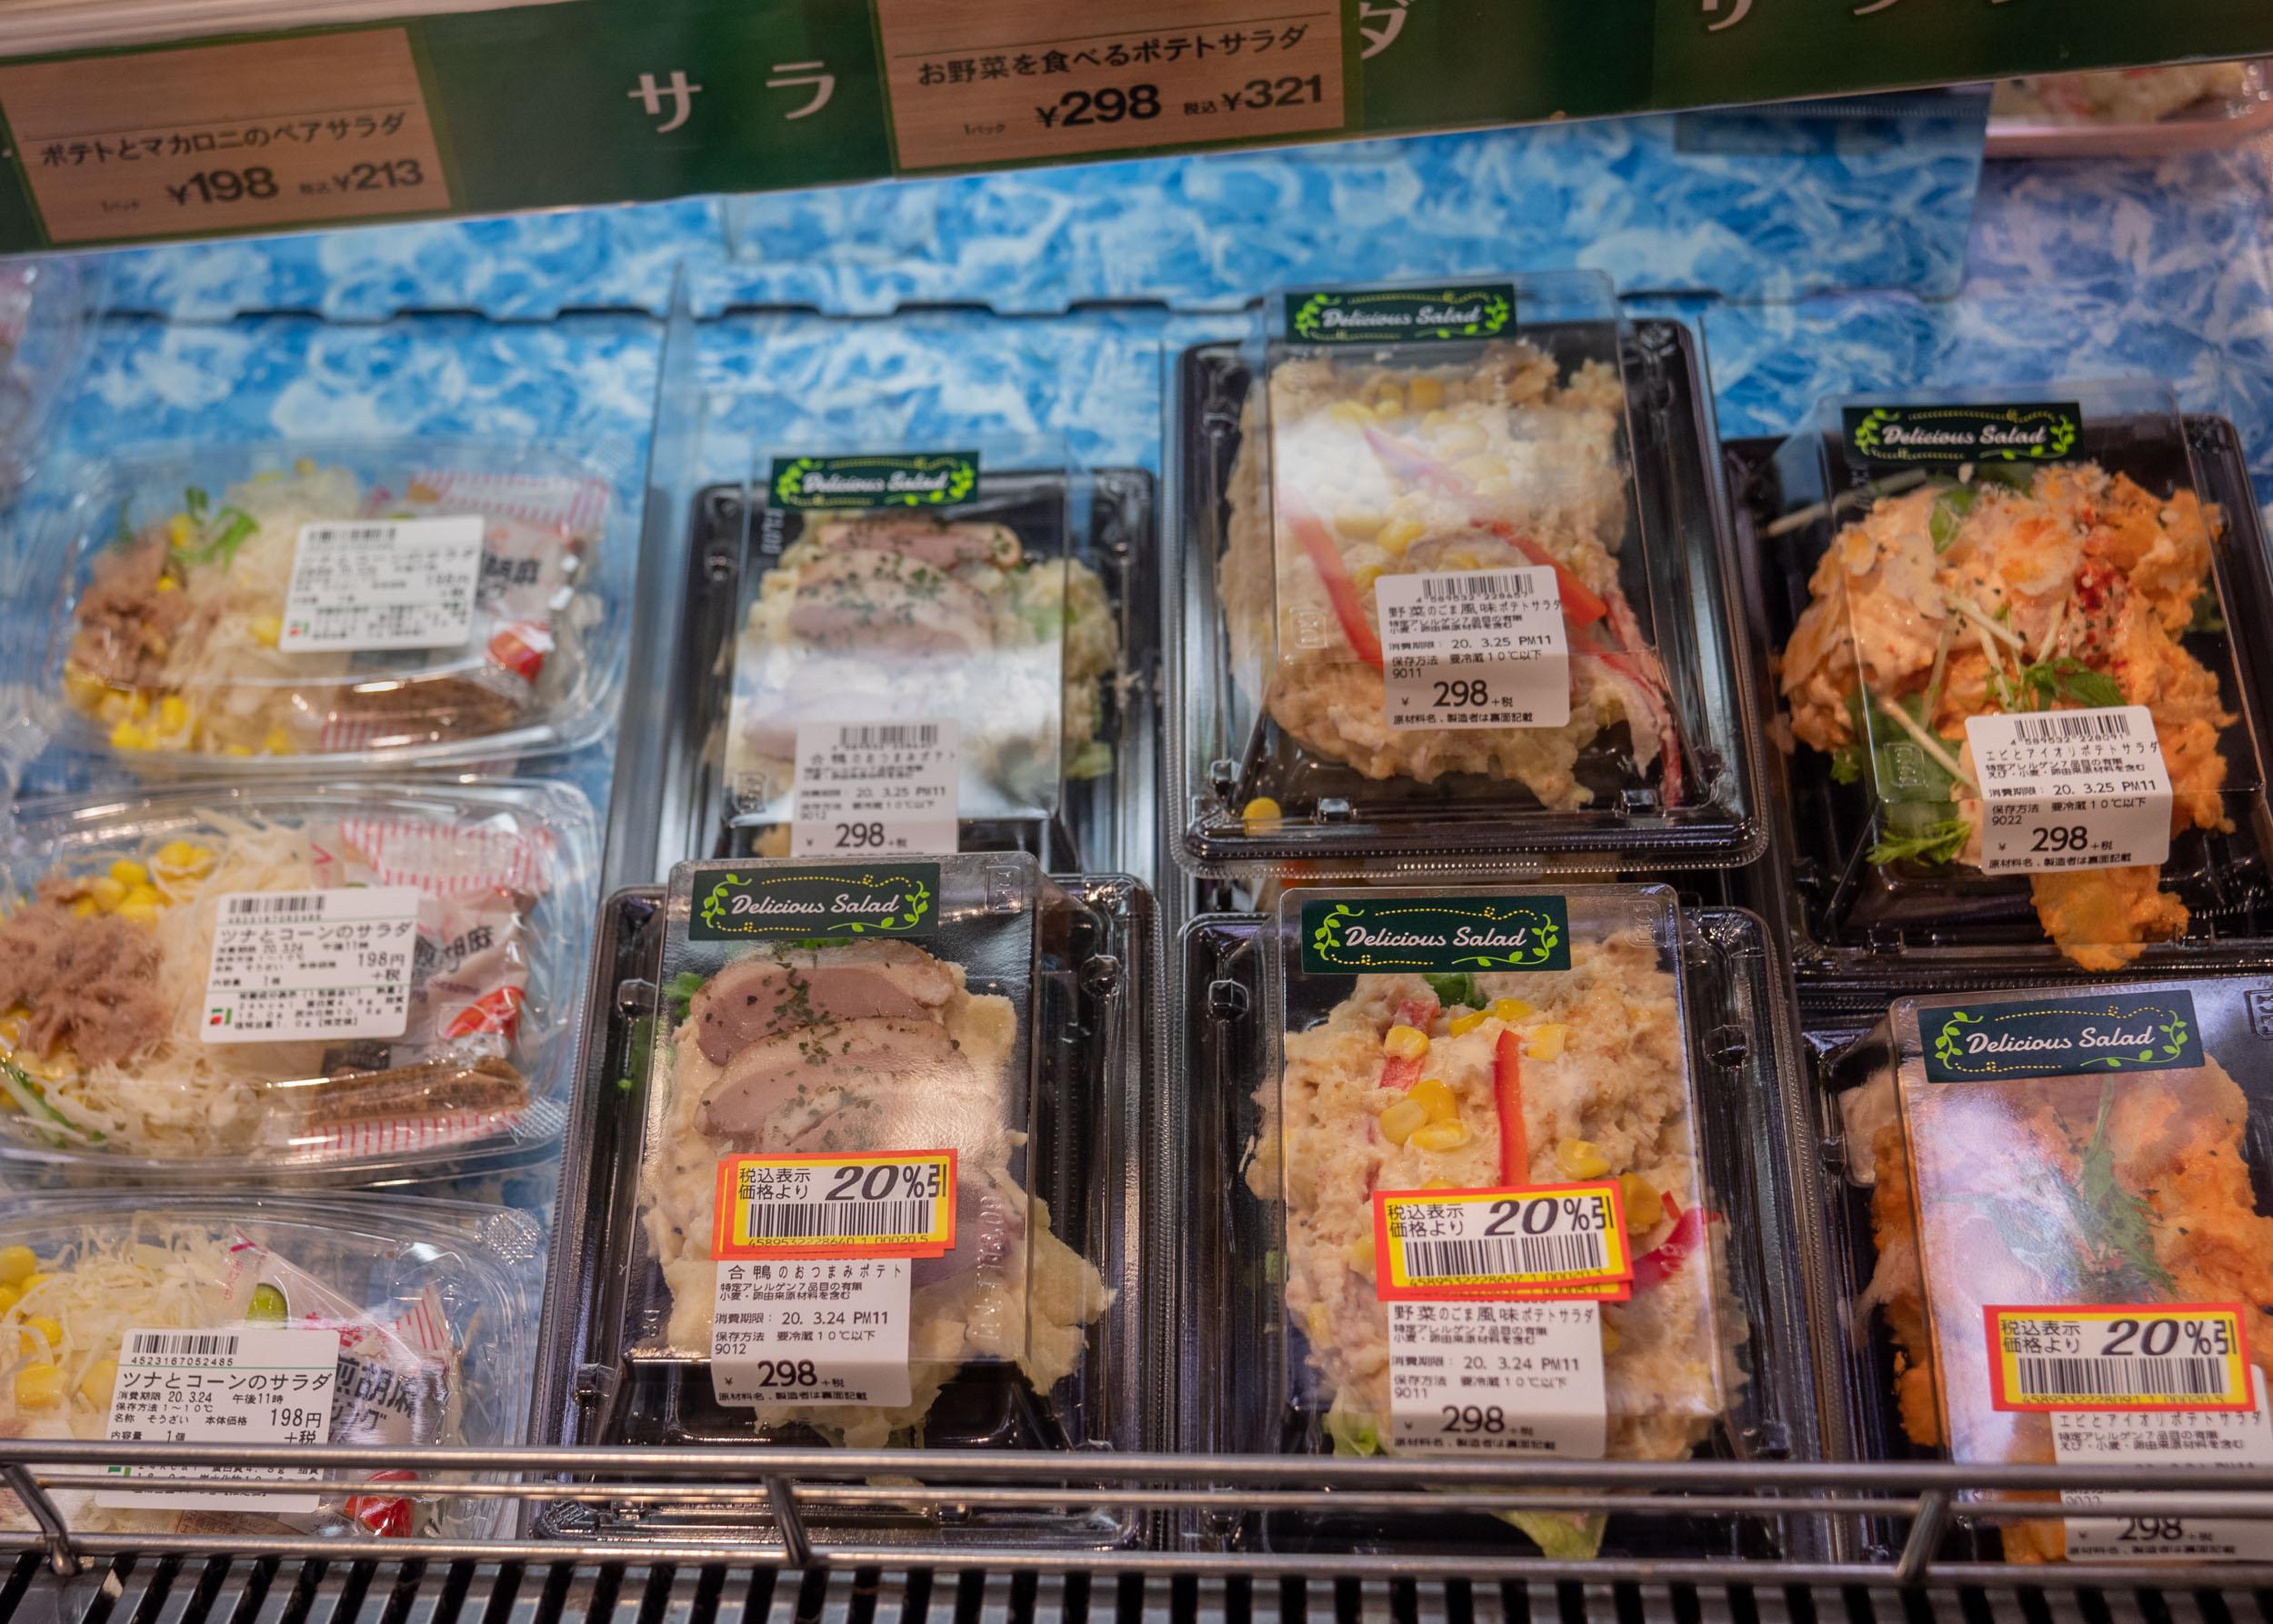 閉店したイトーヨーカドーすすきの店の惣菜売場 DMC-GX8 + LEICA DG 12-60mm